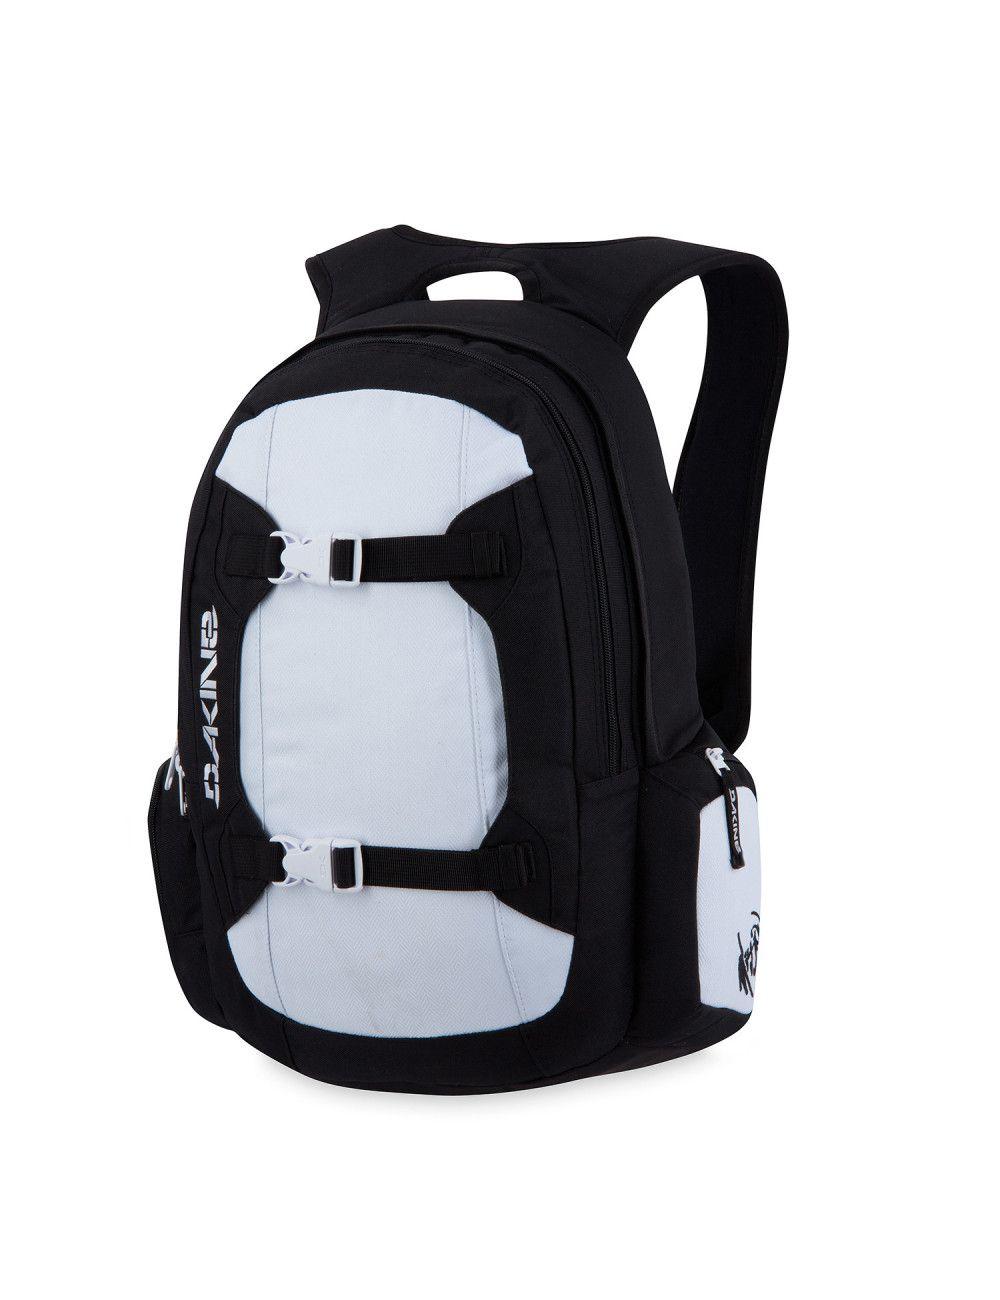 szczegółowe zdjęcia moda designerska butik wyprzedażowy Plecak Dakine Mission 25L White